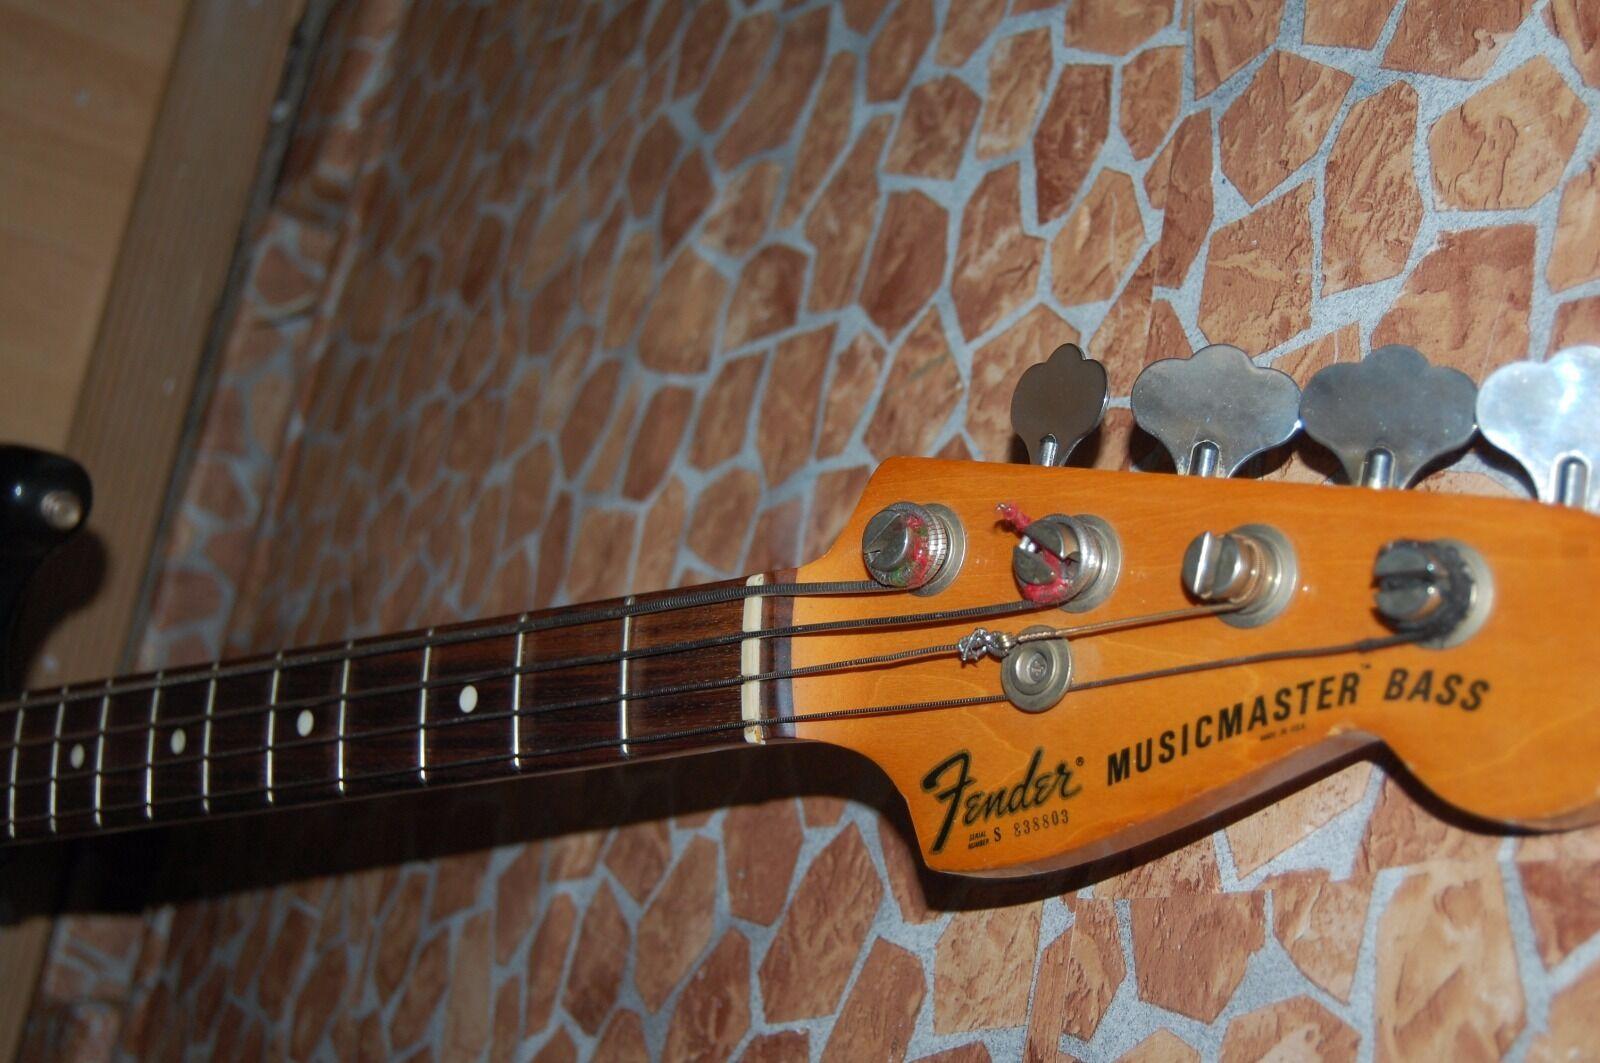 Fender Musicmaster Bass USA  Baujahr77'78